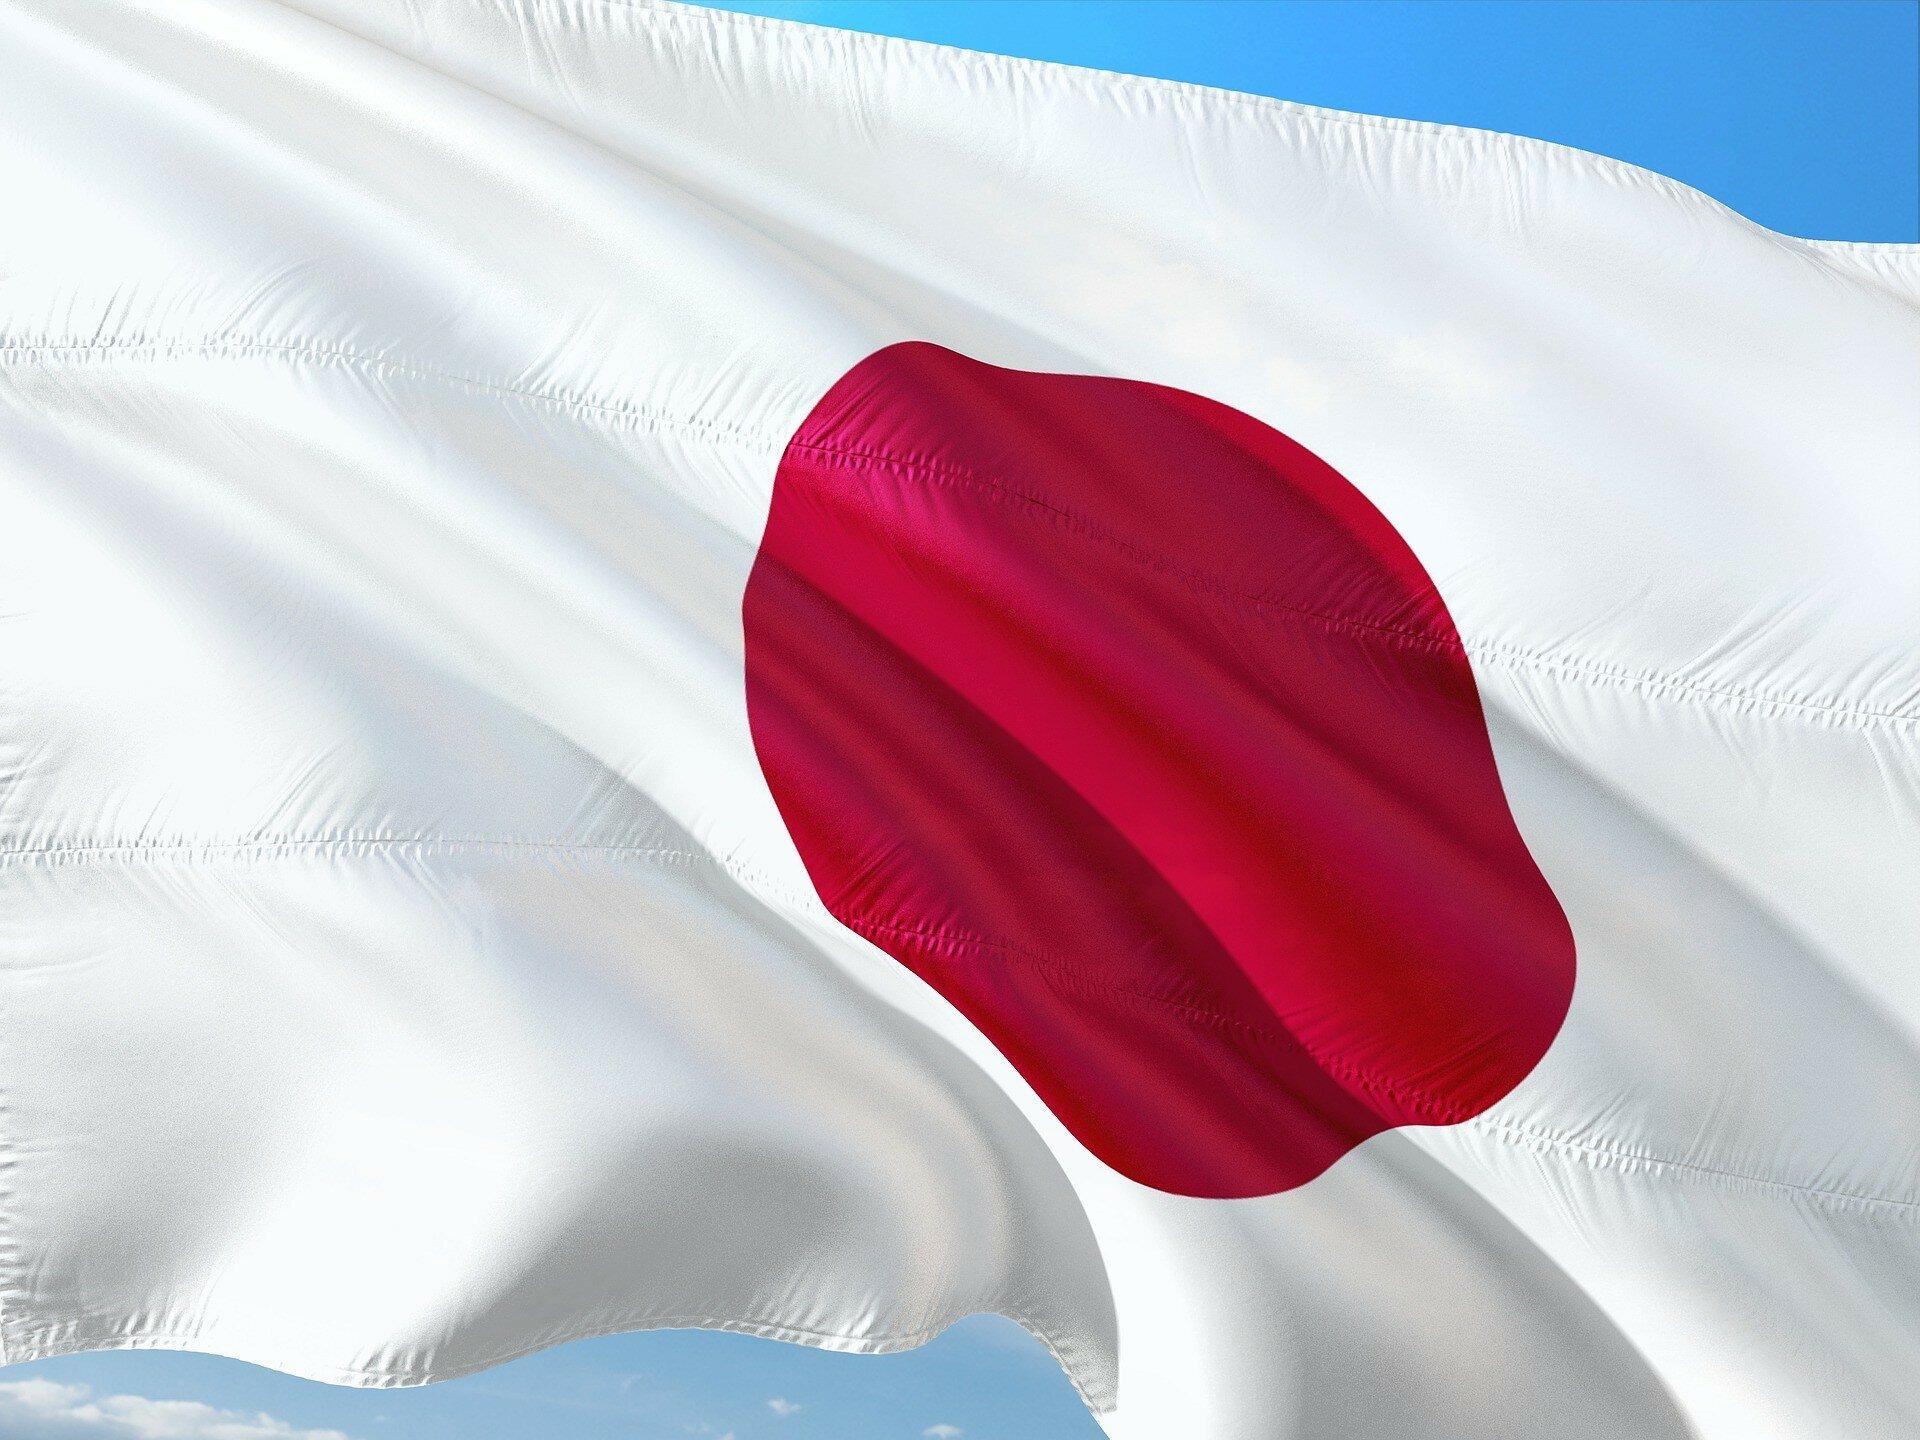 Японским чиновникам грозит наказание за ужин с сыном премьер-министра